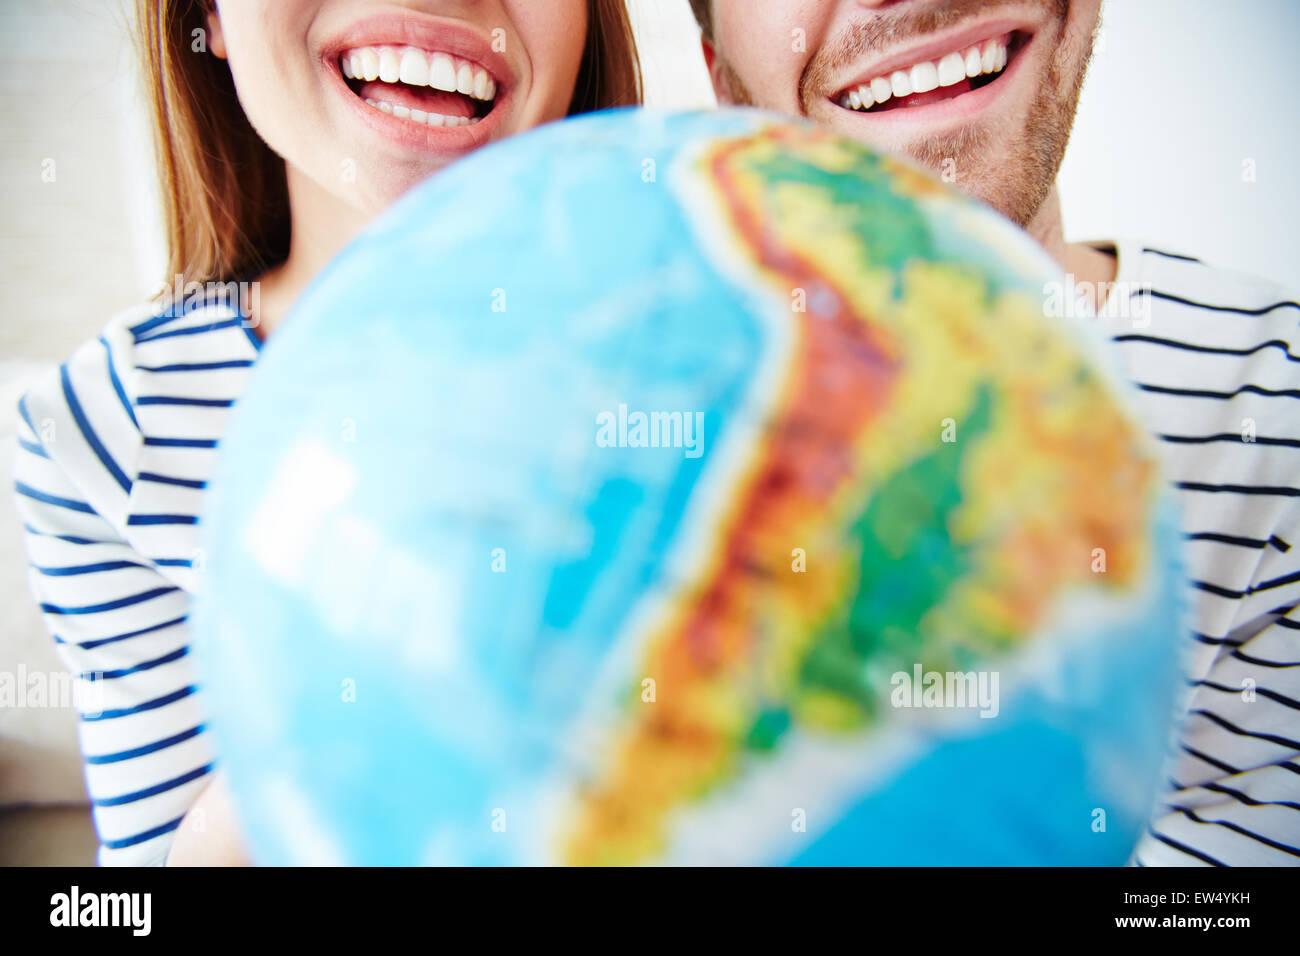 Nahaufnahme von toothy Lächeln paar und Globus Stockbild